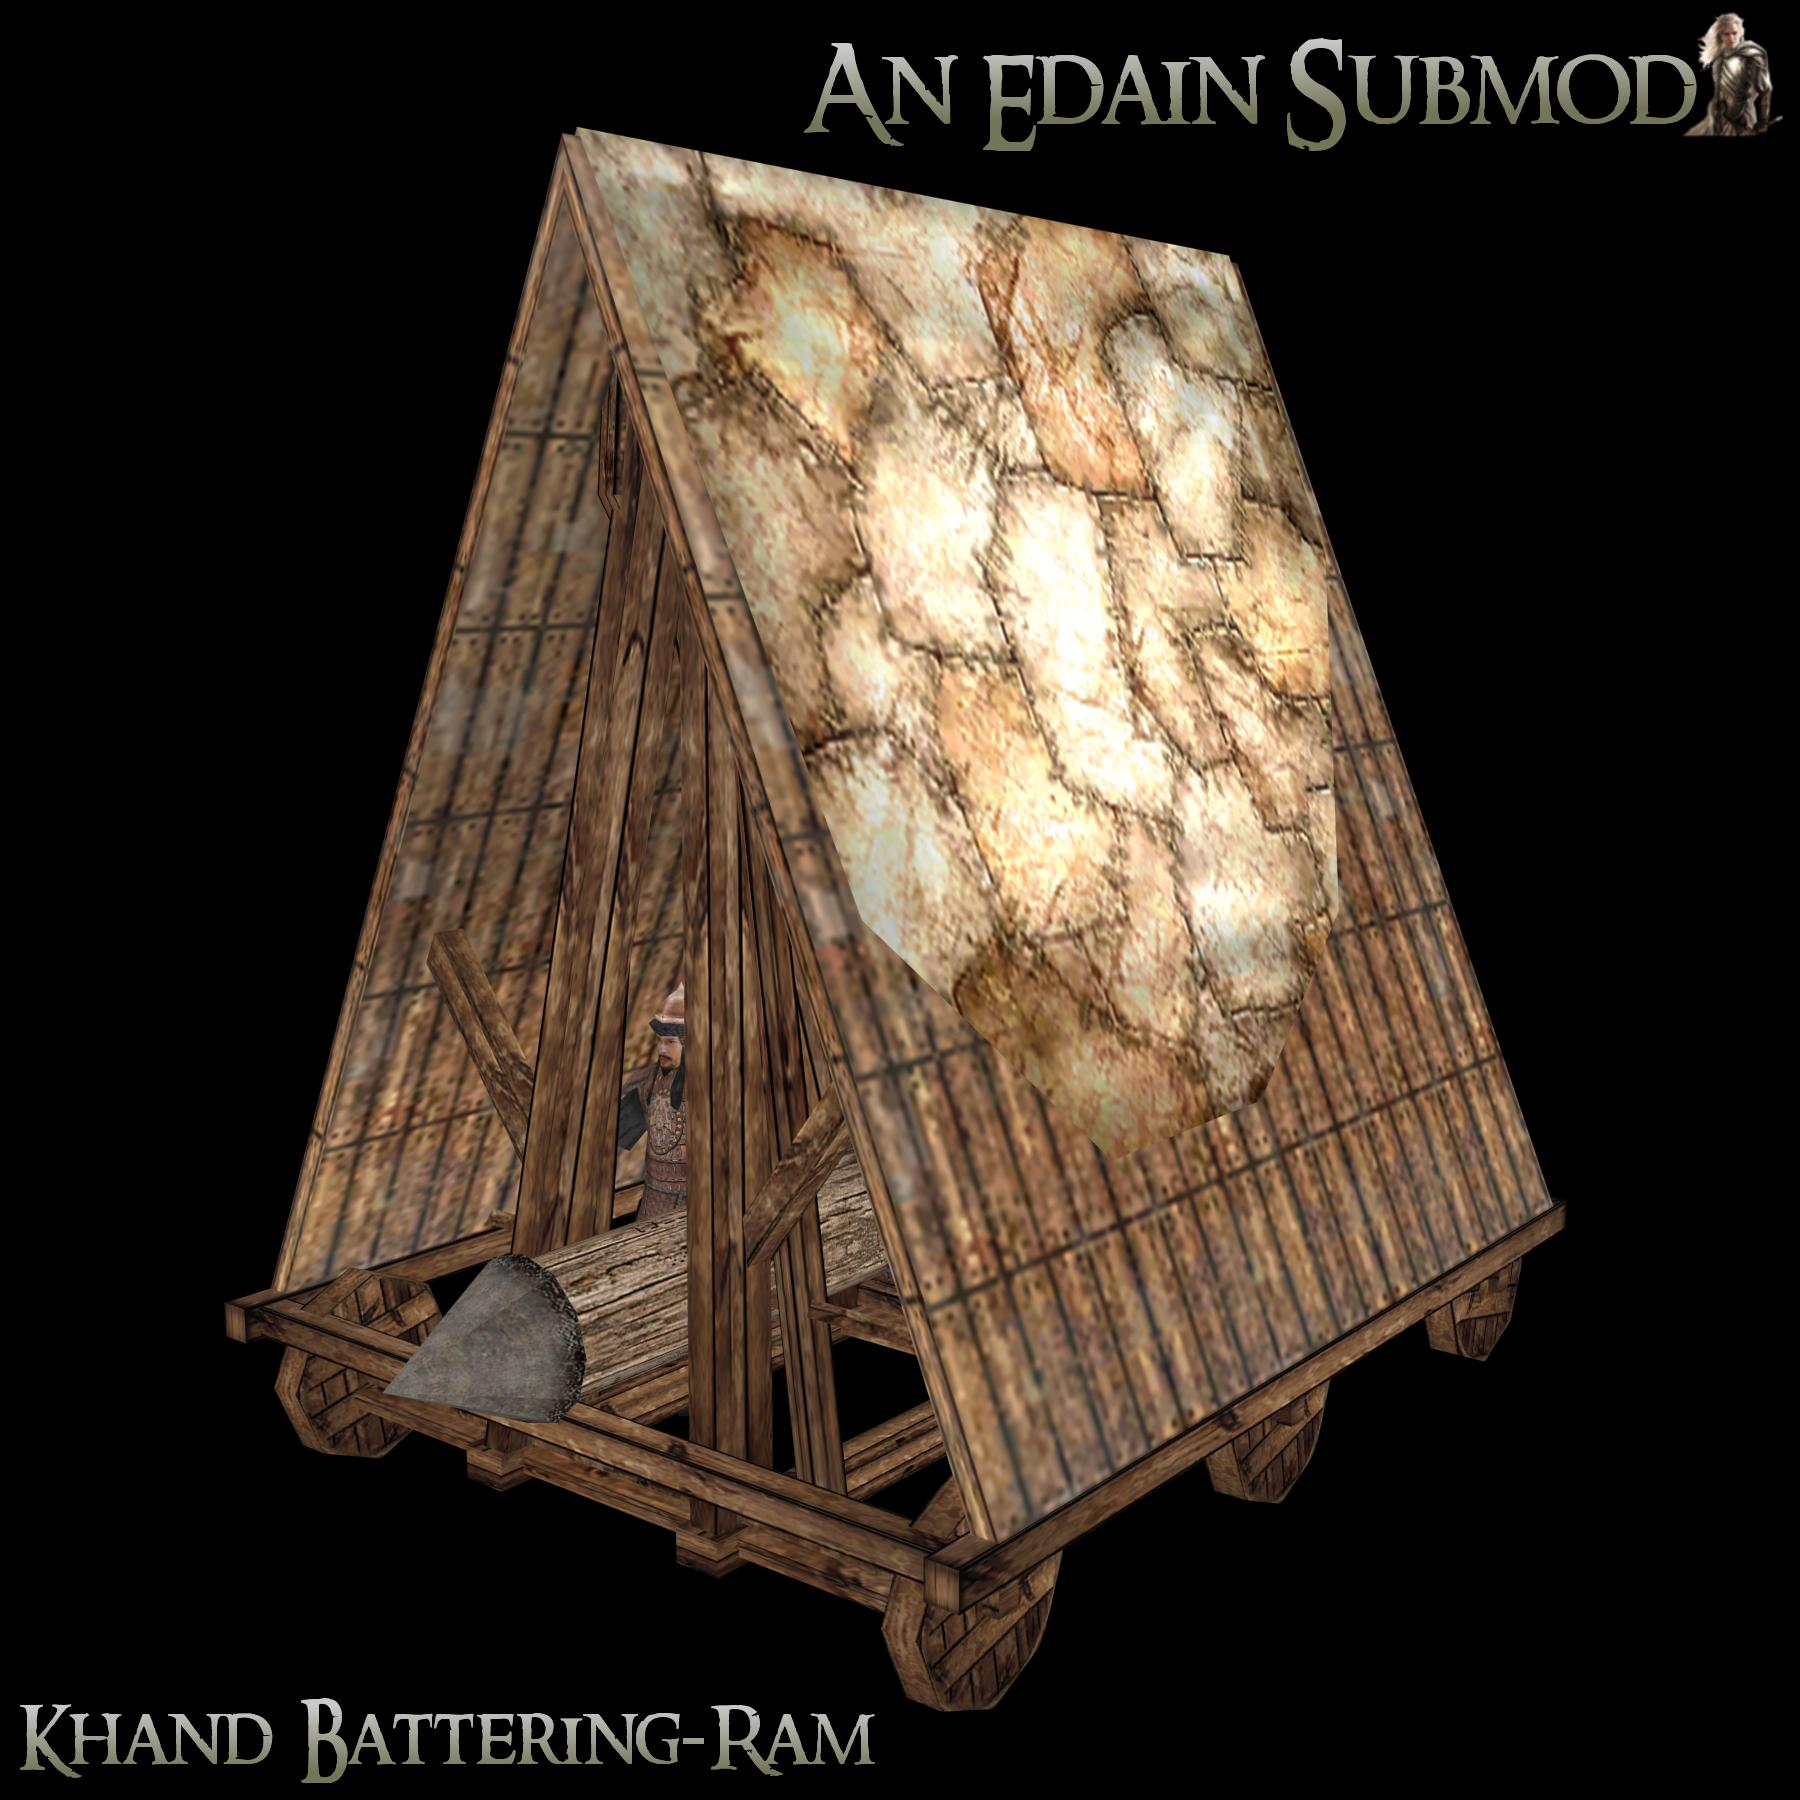 Khand Battering Ram